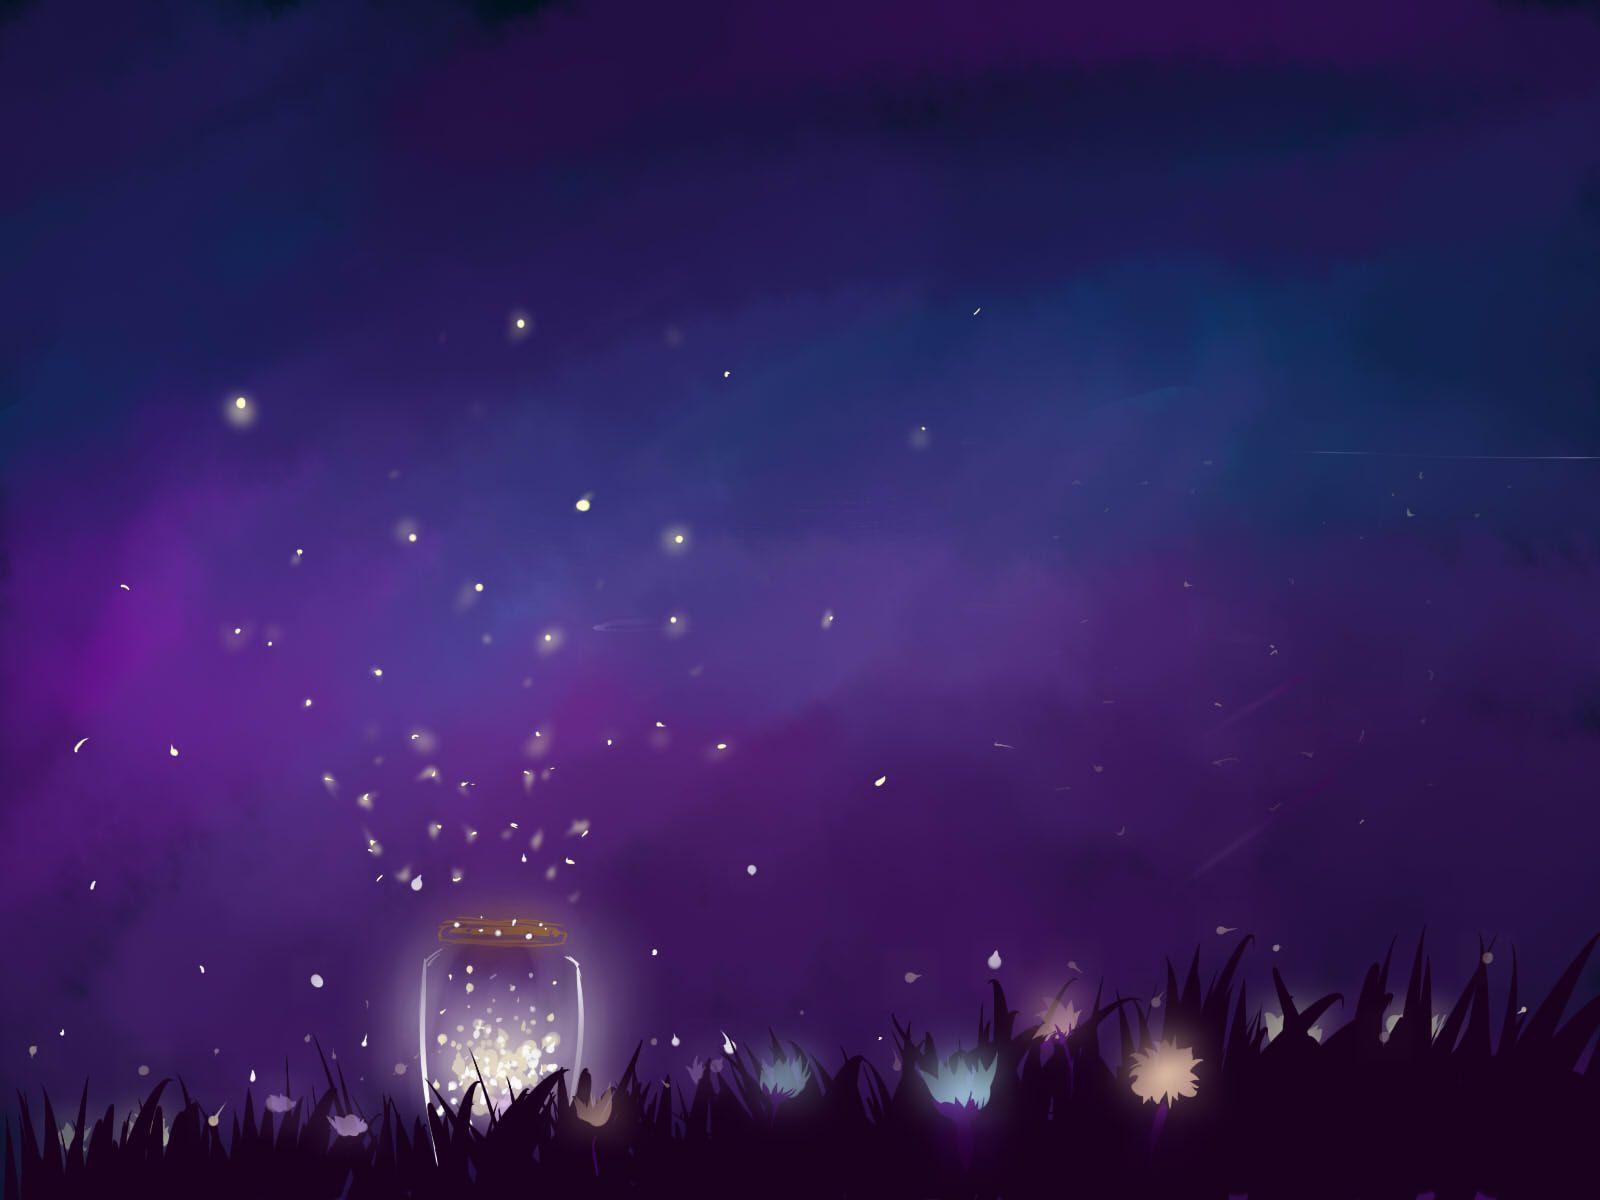 Art Fireflies Wallpapers Wallpaper Cave